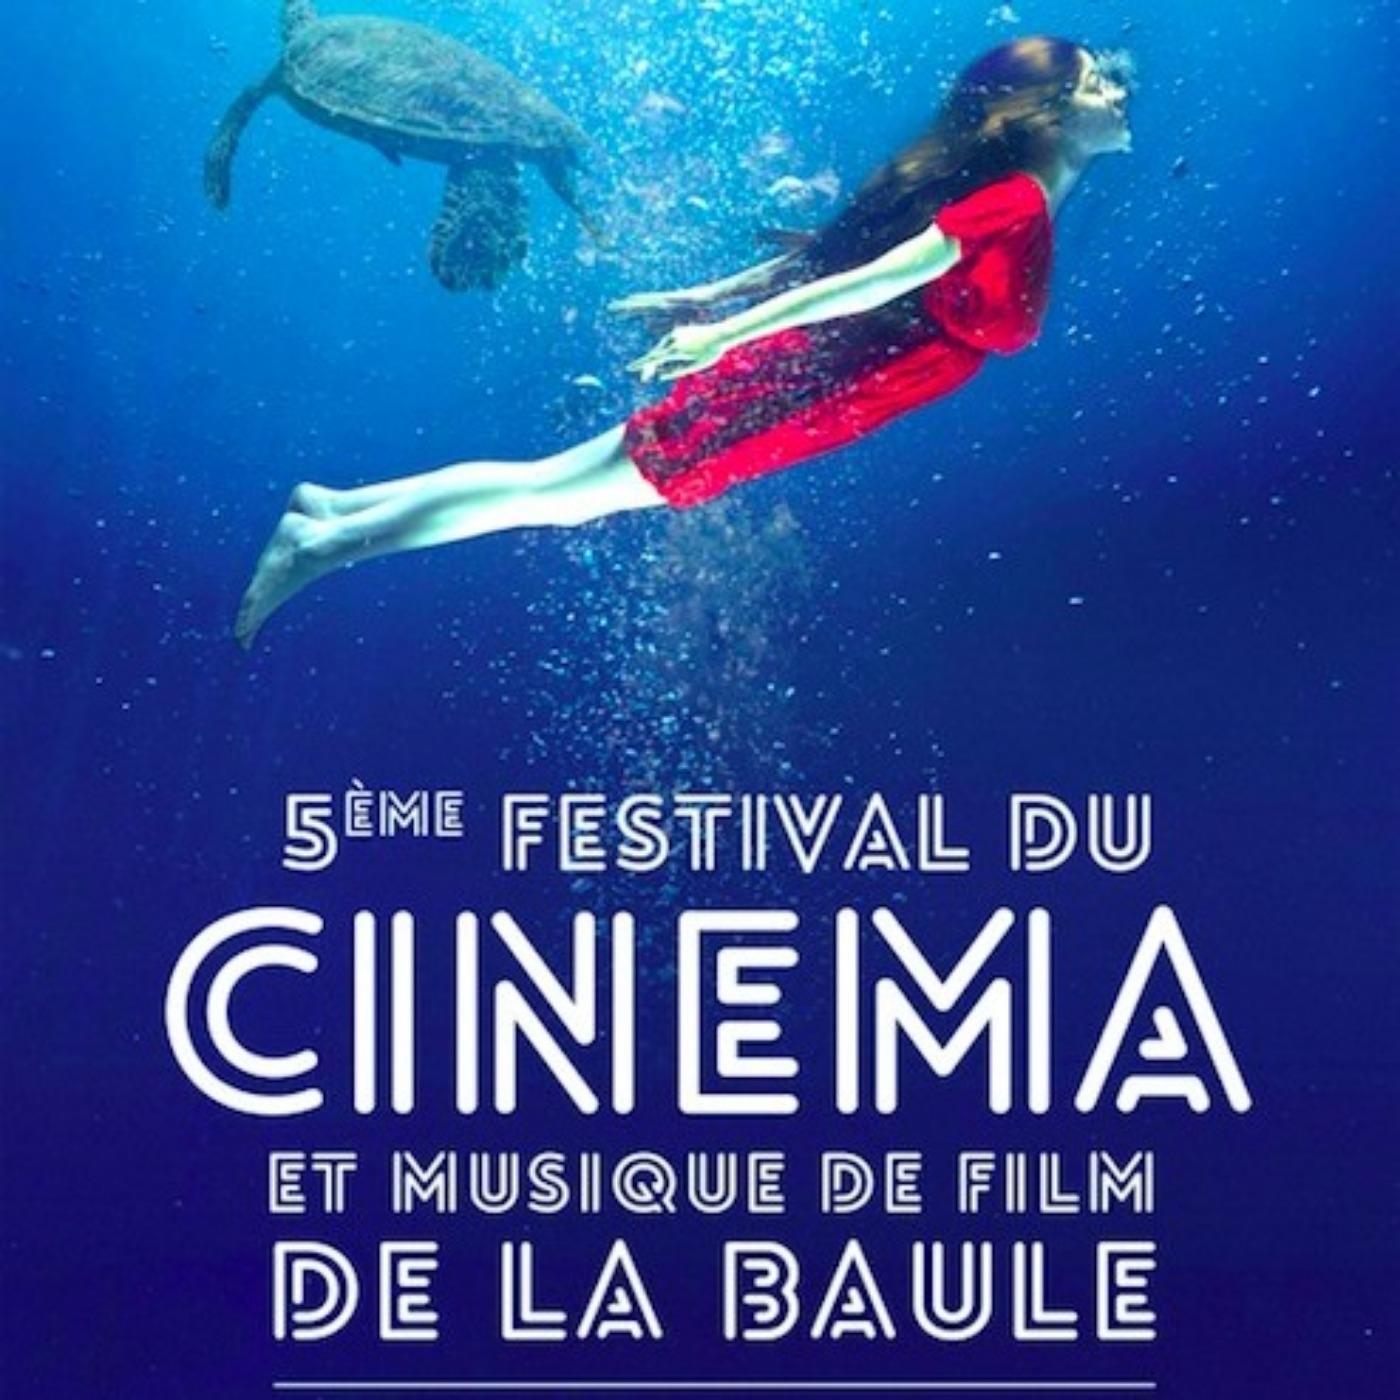 CinéMaRadio Aime le 5eme Festival du Cinéma Et Musique de Film de La Baule | JOUR 4